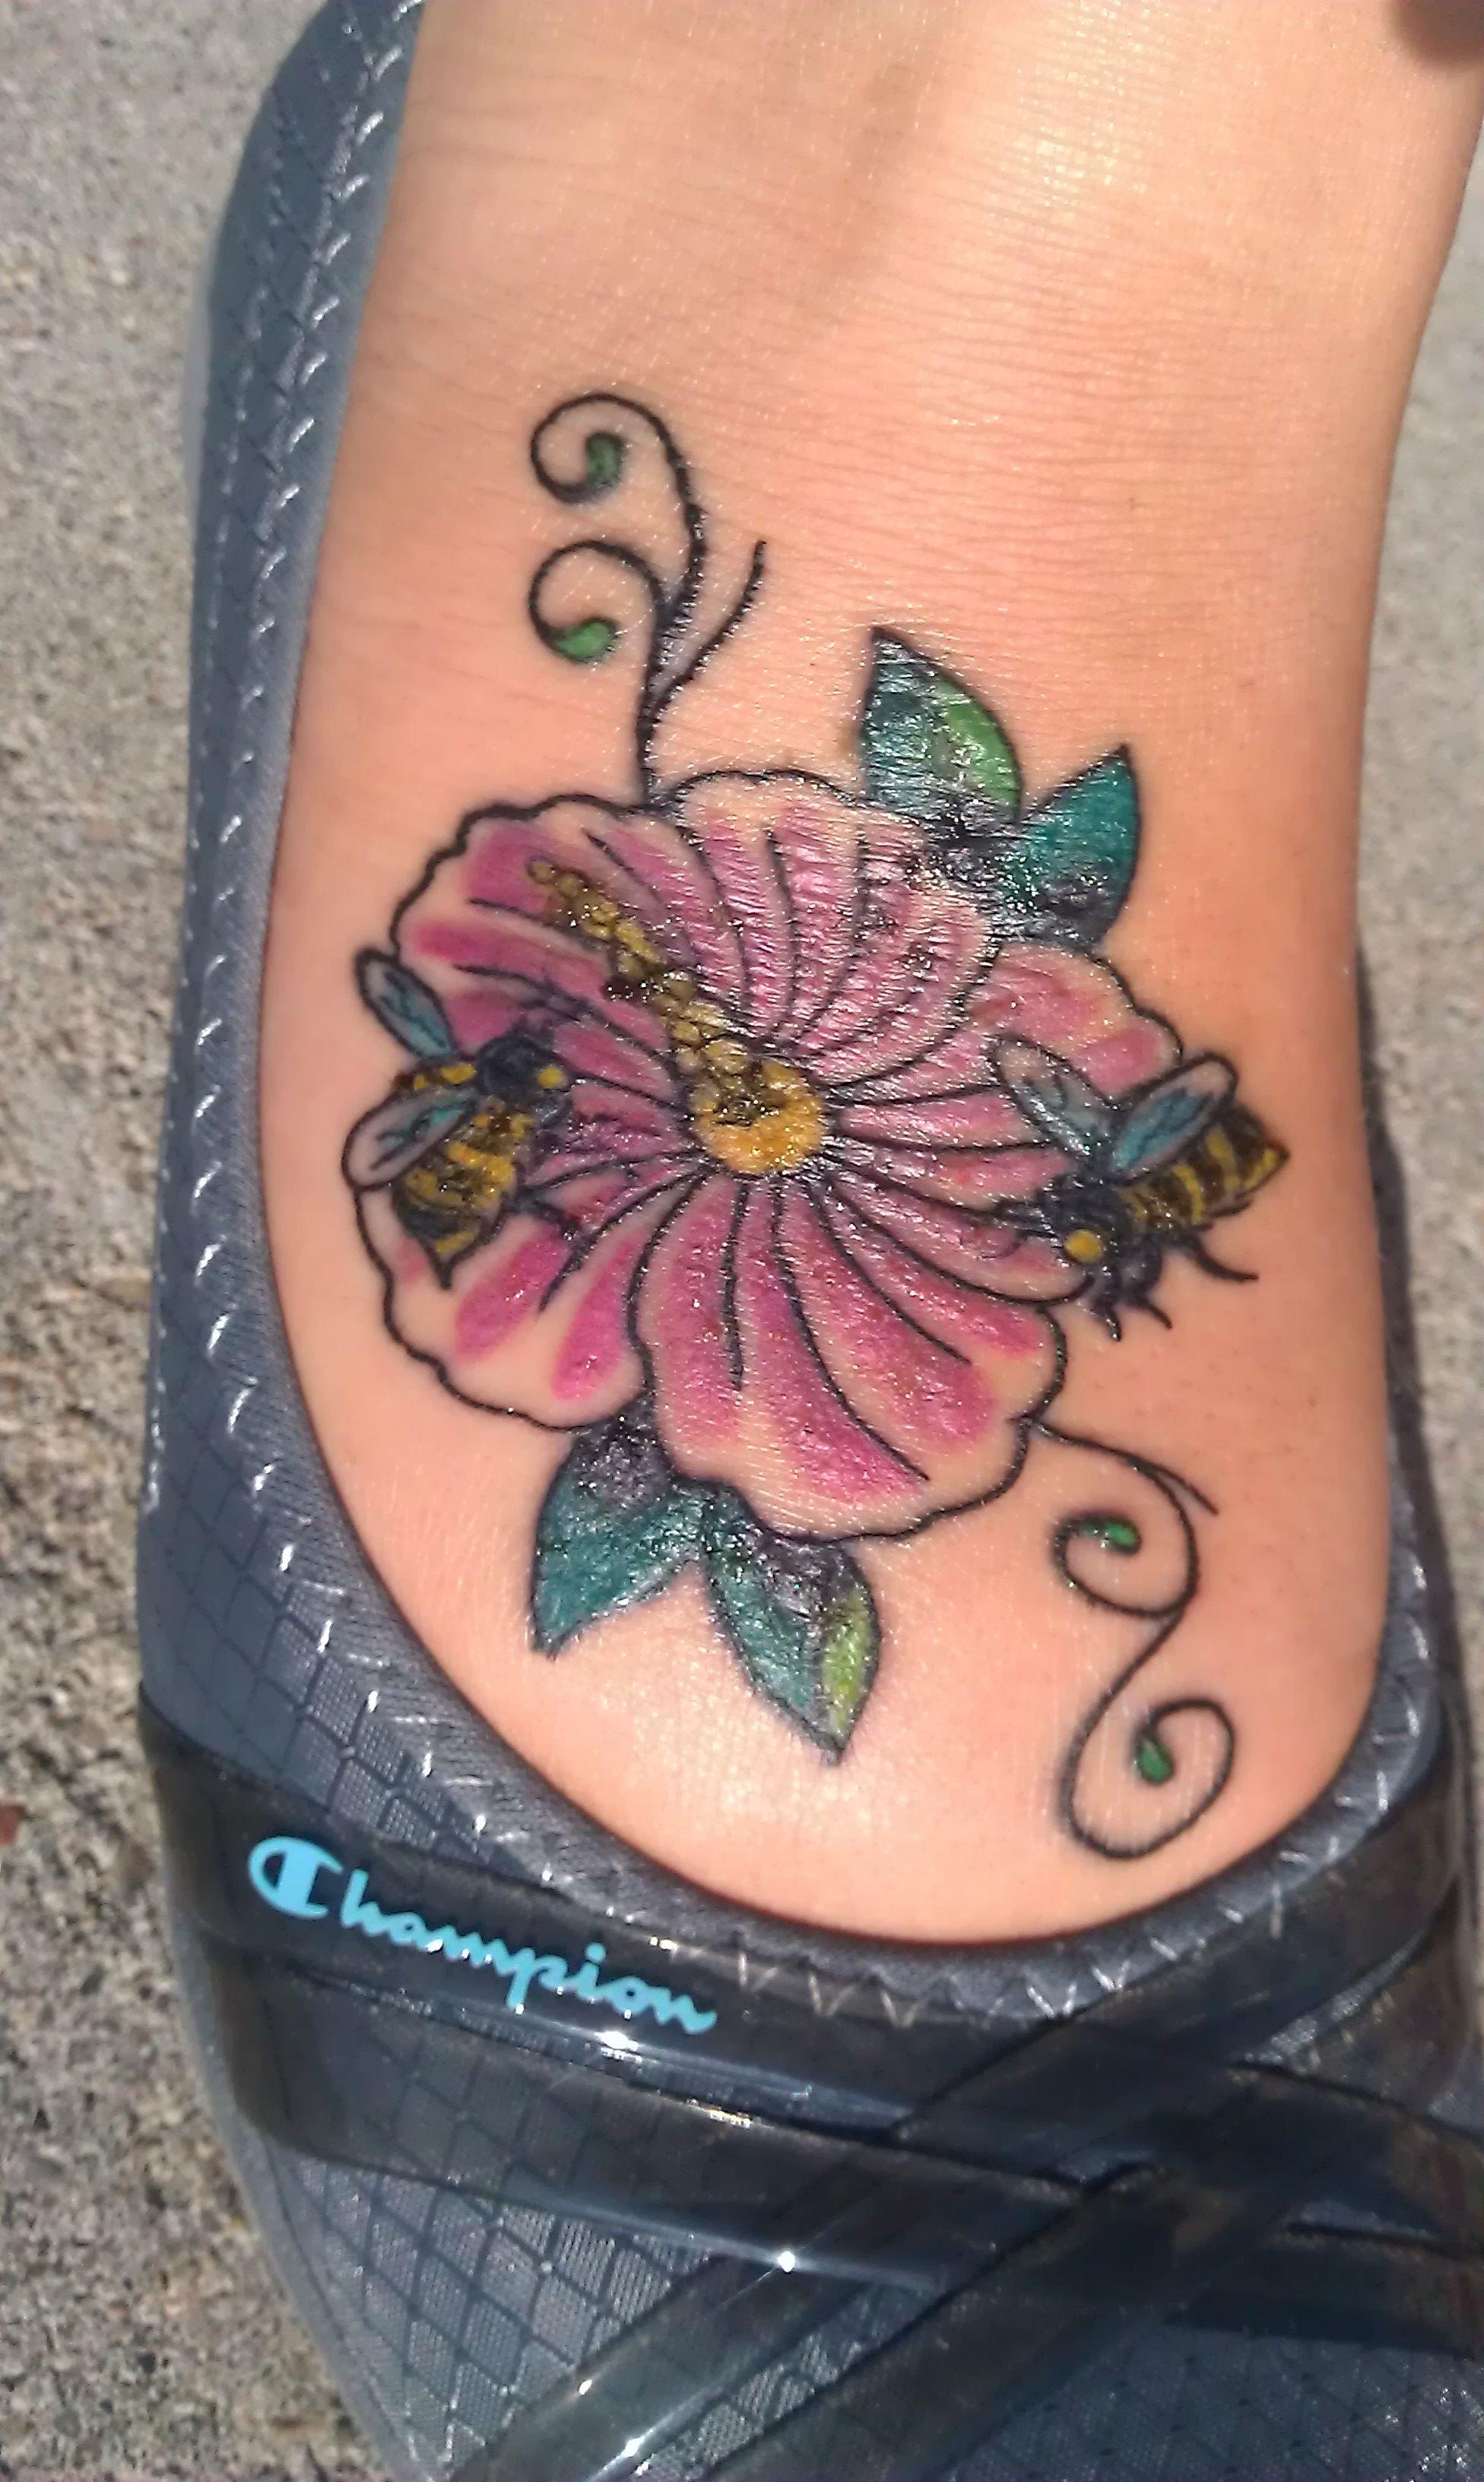 Pin by kimberly skeels on tattoo tattoos i tattoo body art